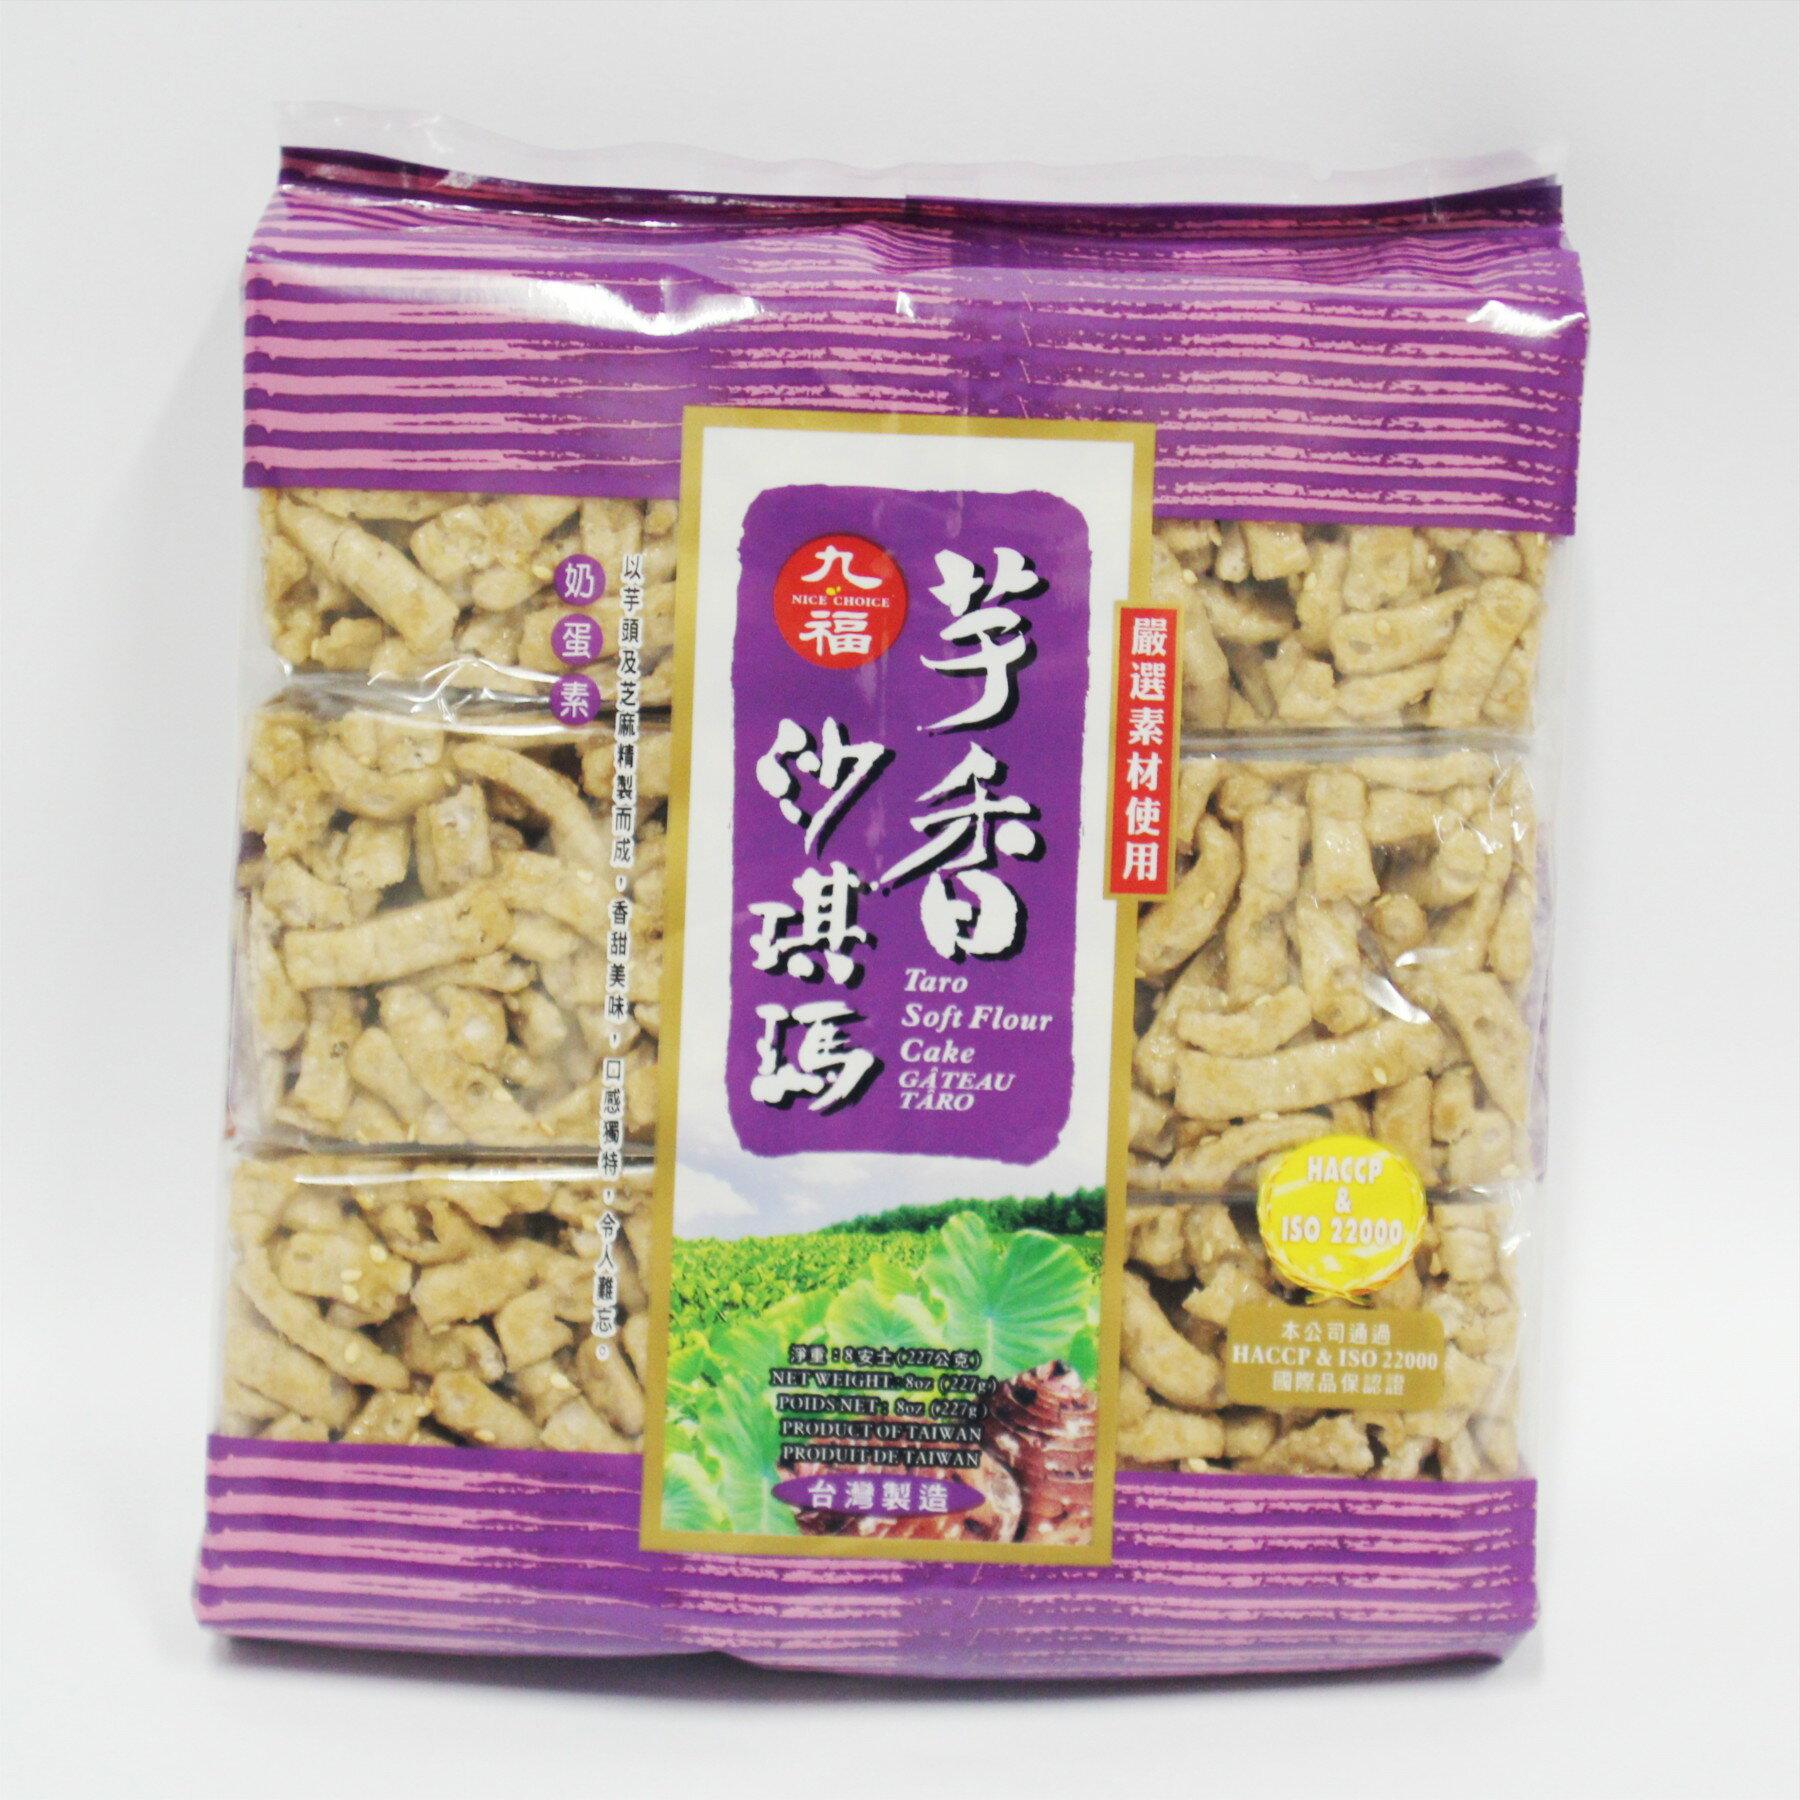 【KTmiss】九福沙琪瑪(蛋奶素) 黑糖 芋香 葡萄芝麻 五榖雜糧